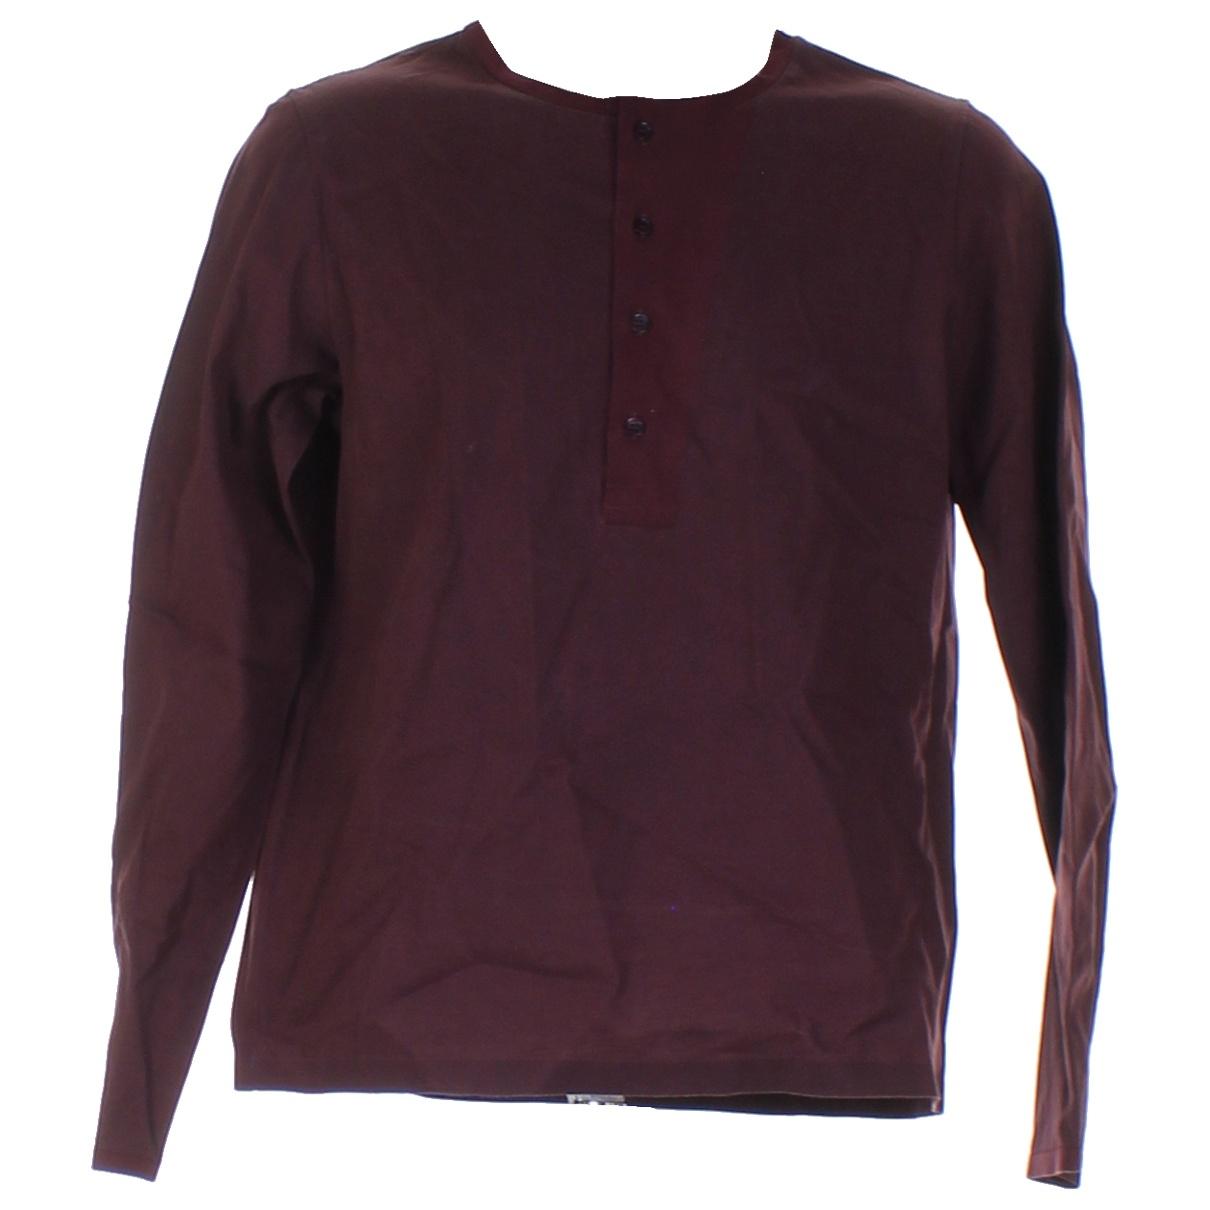 Balenciaga - Tee shirts   pour homme en coton - bordeaux